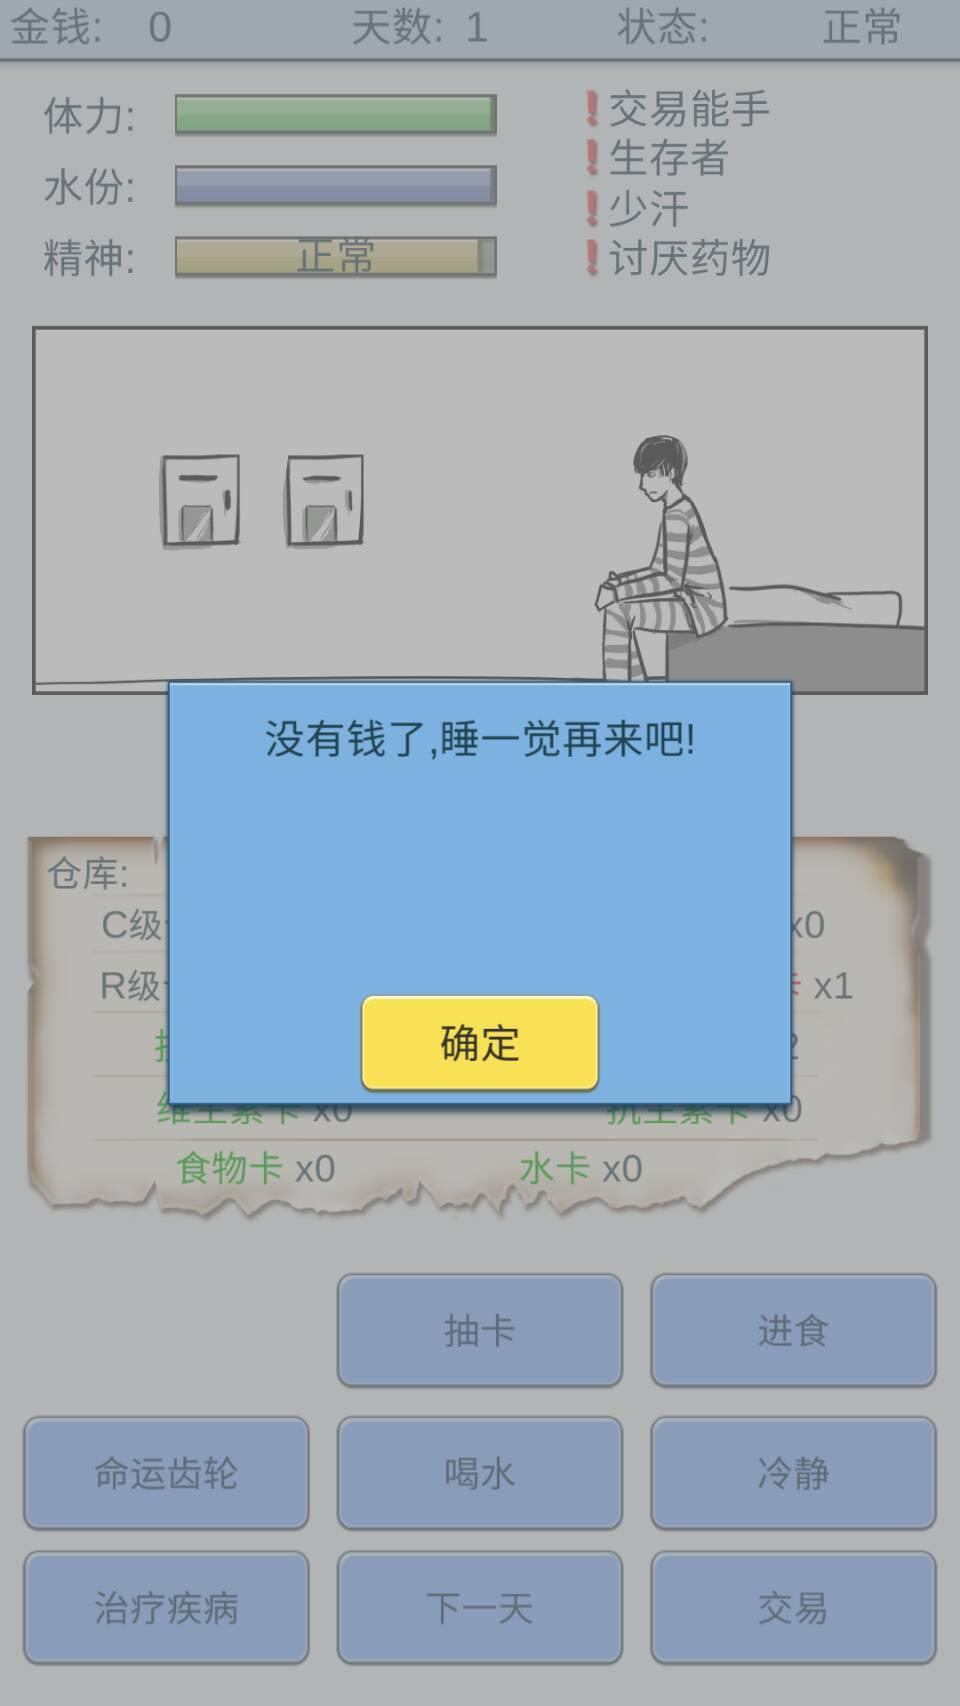 內頁圖檔2xyuuoo3